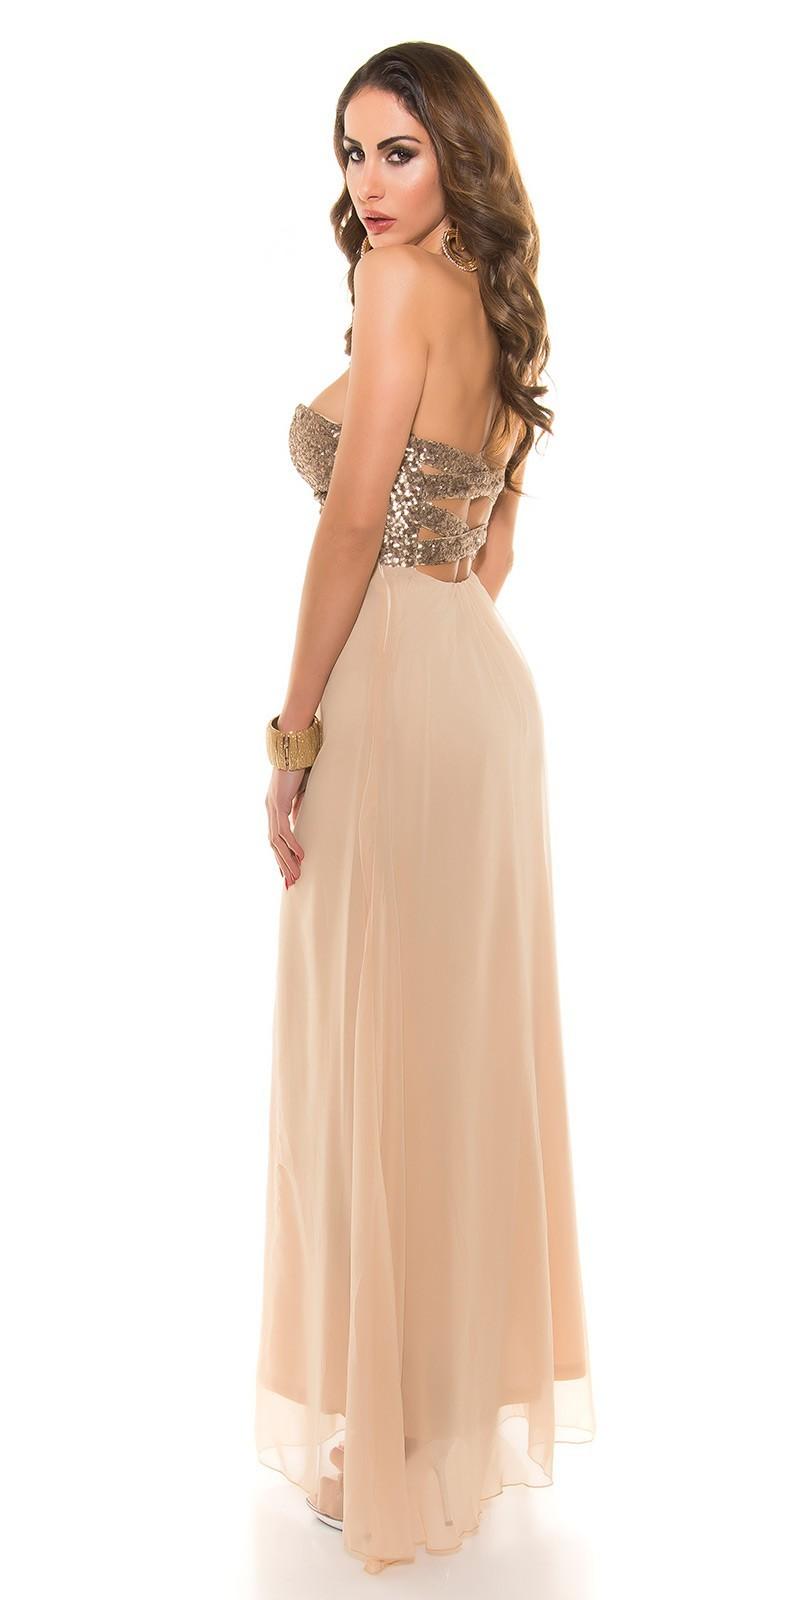 Spoločenské šaty s flitrami Beige – Sissy Boutique 851a87cc3f7